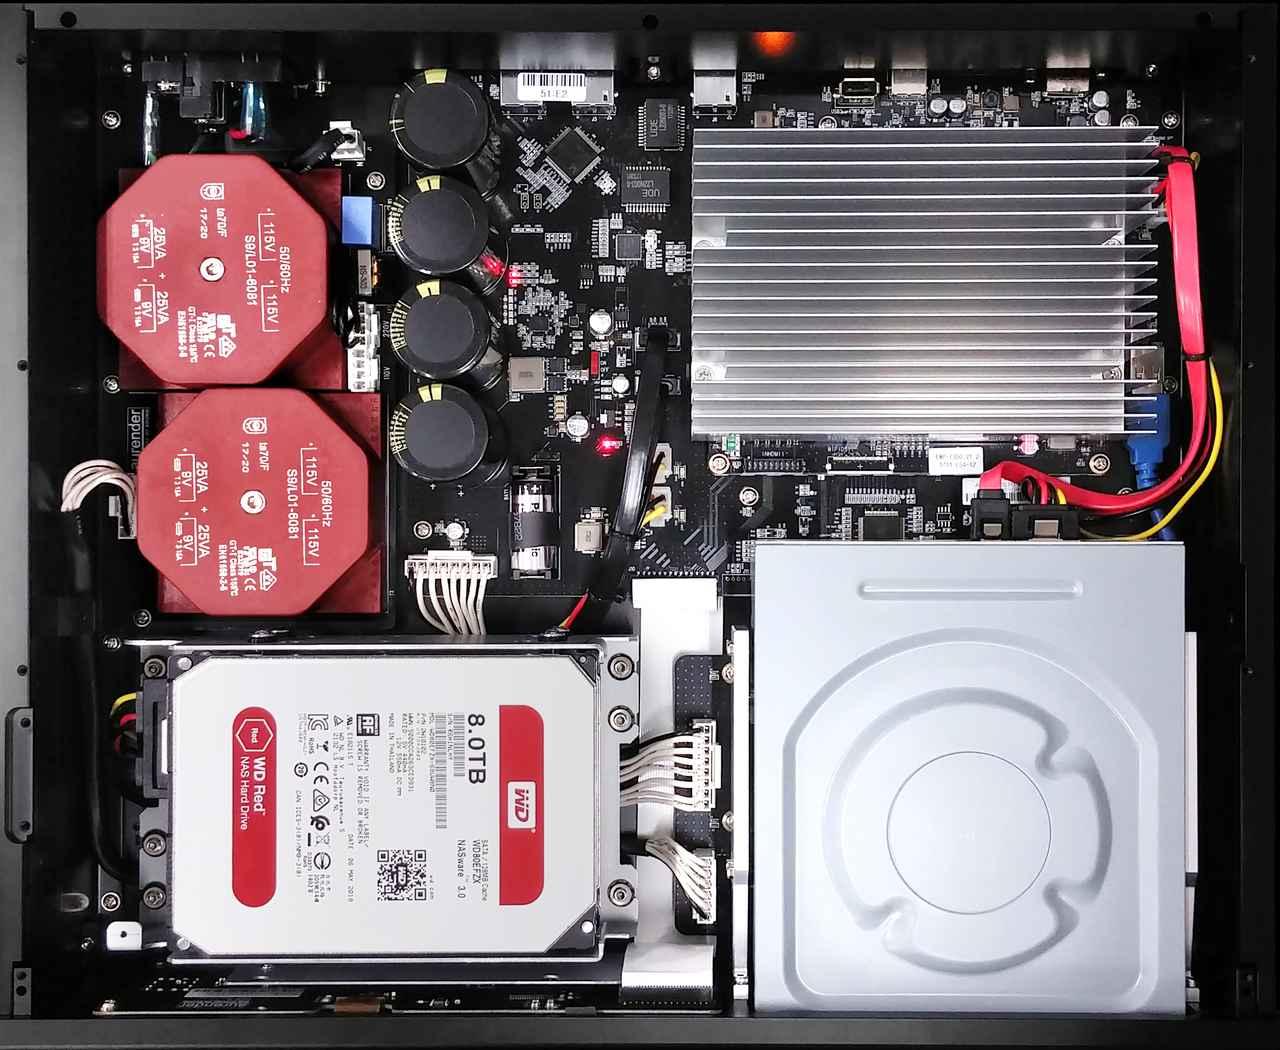 画像: ACS10はリニア電源とスーパーキャパシタをベースとした無停電電源装置(UPS)を搭載。突然の停電時にも安全にシャットダウンし、データを守ってくれるという。手前左下に見えるのが楽曲保存用のHDD。ウェスタンデジタルのNAS向け高耐久モデルRedを使用している